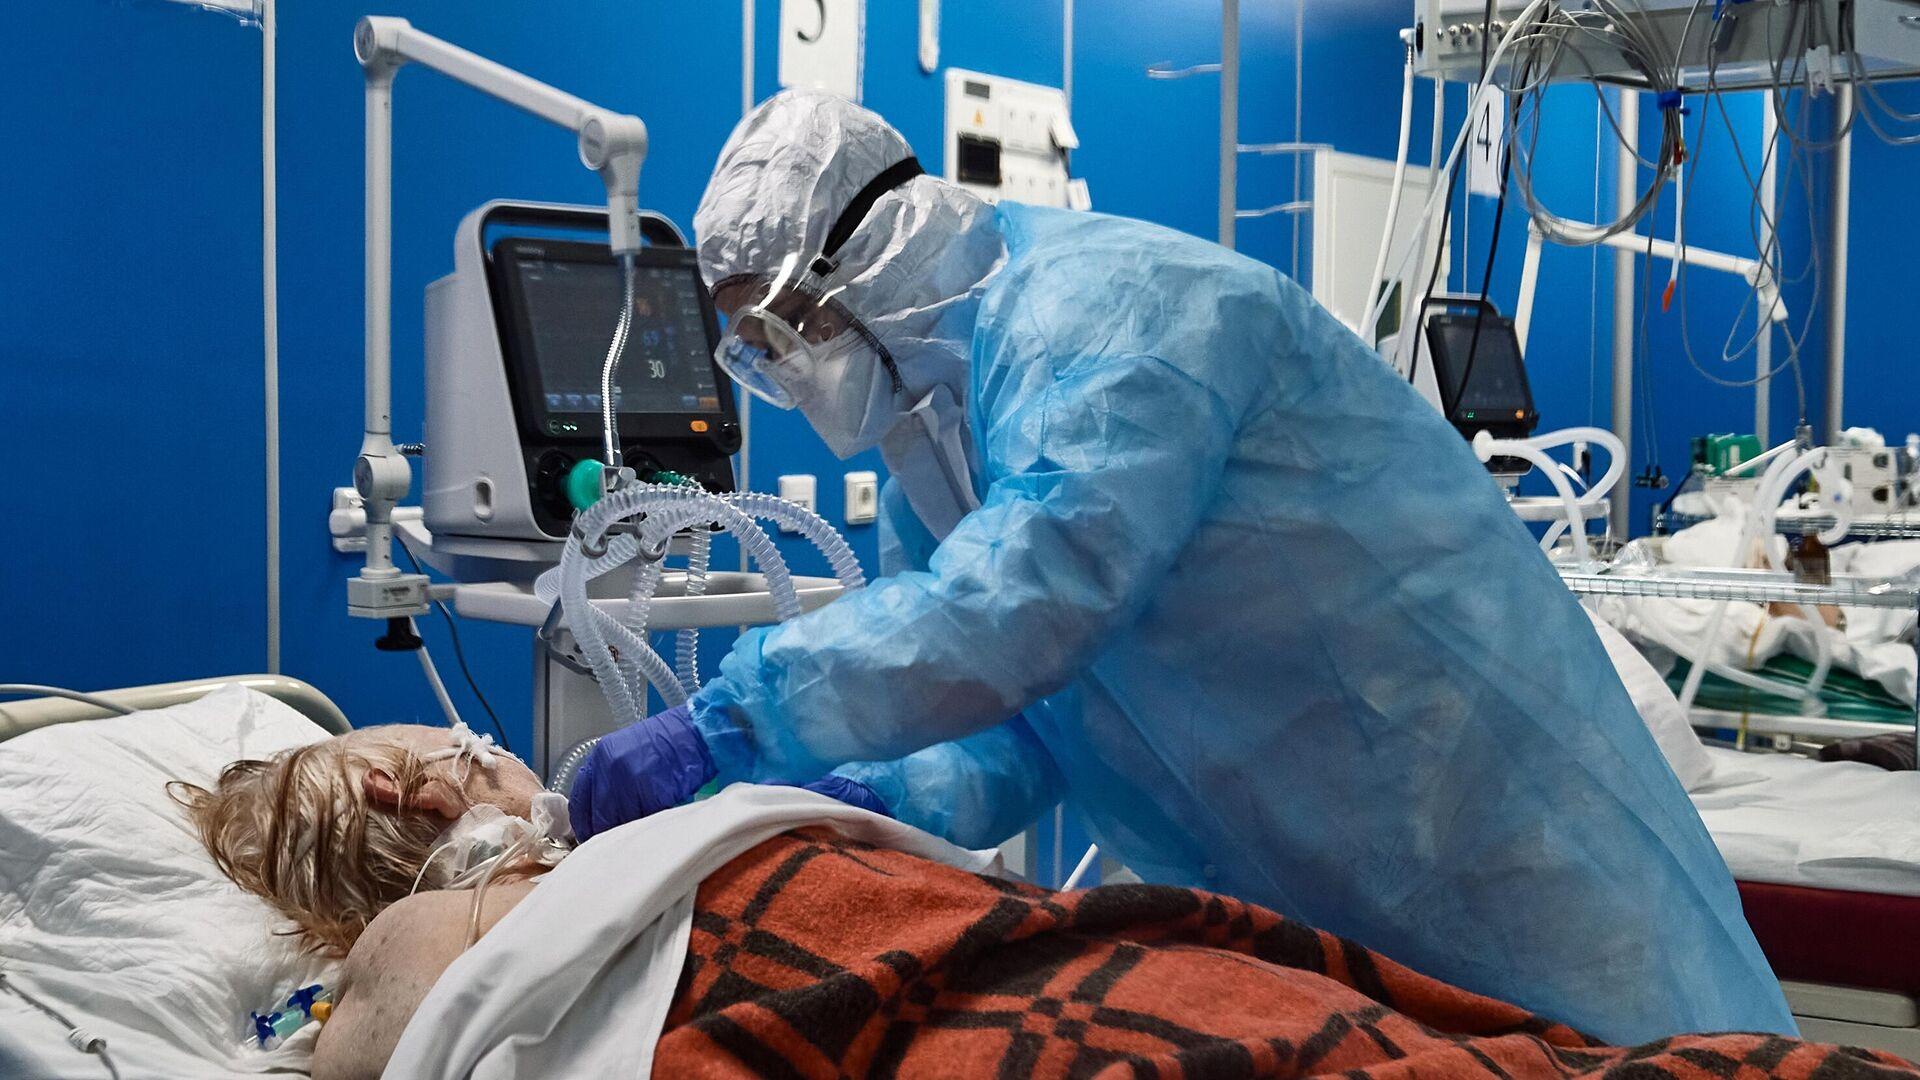 Врач и пациент в отделении реанимации и интенсивной терапии госпиталя COVID-19 в больнице Святого Георгия в Санкт-Петербурге - РИА Новости, 1920, 15.11.2020